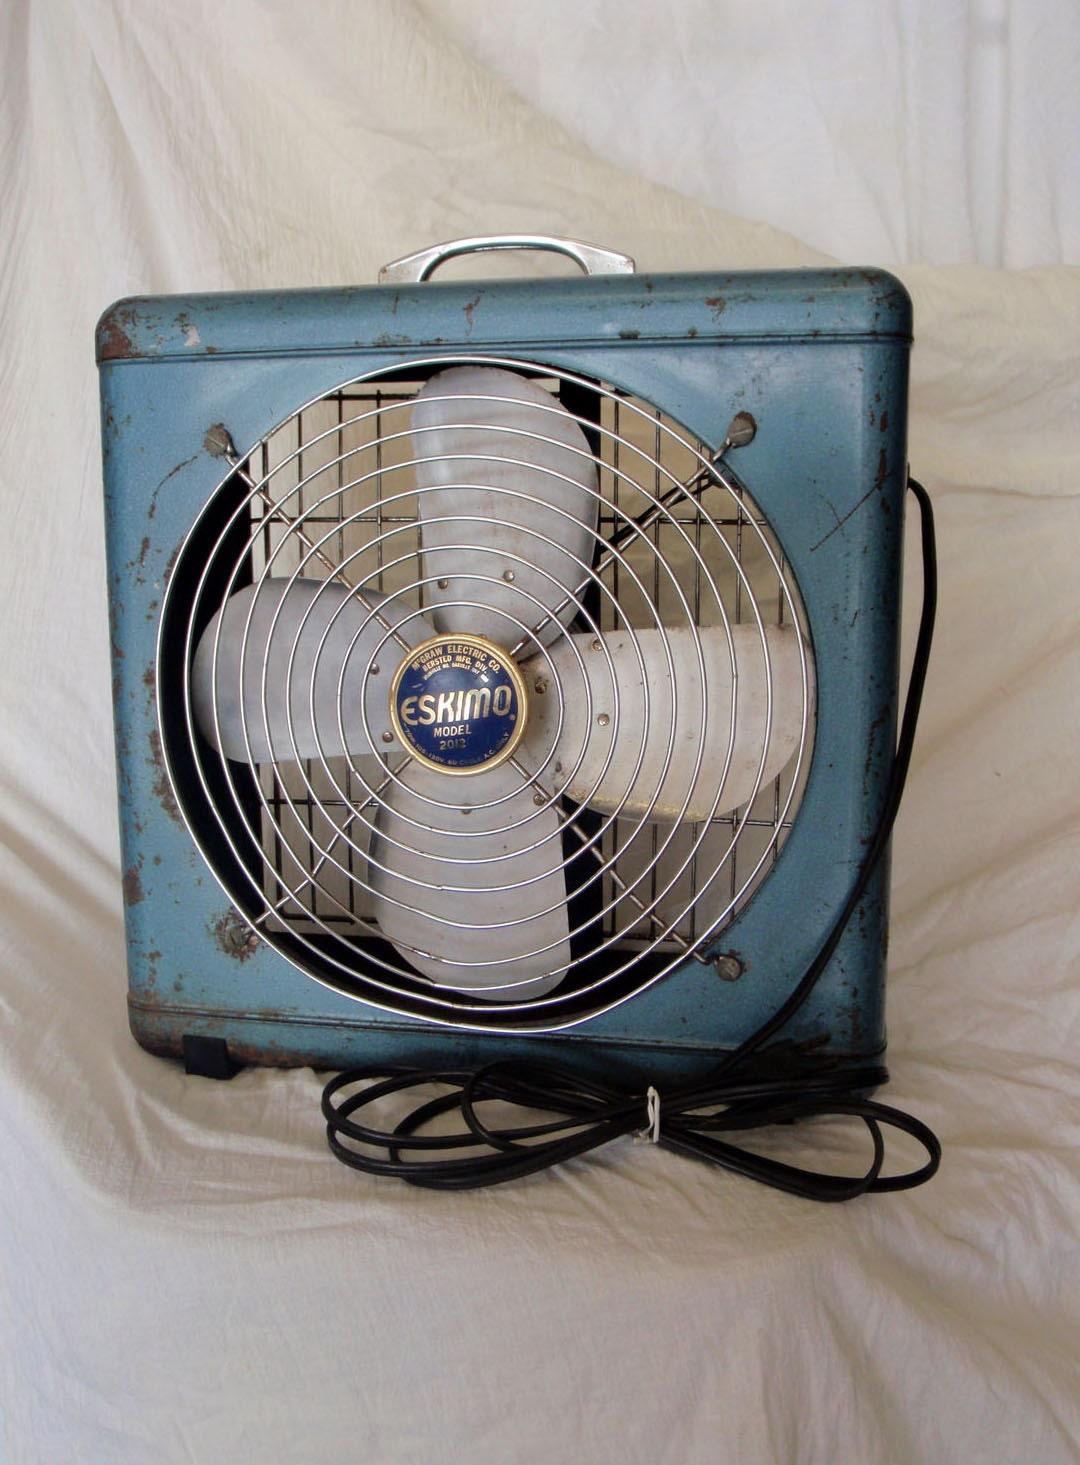 Eskimo Model 2012 Vintage Box Fan Teal Blue Works Great